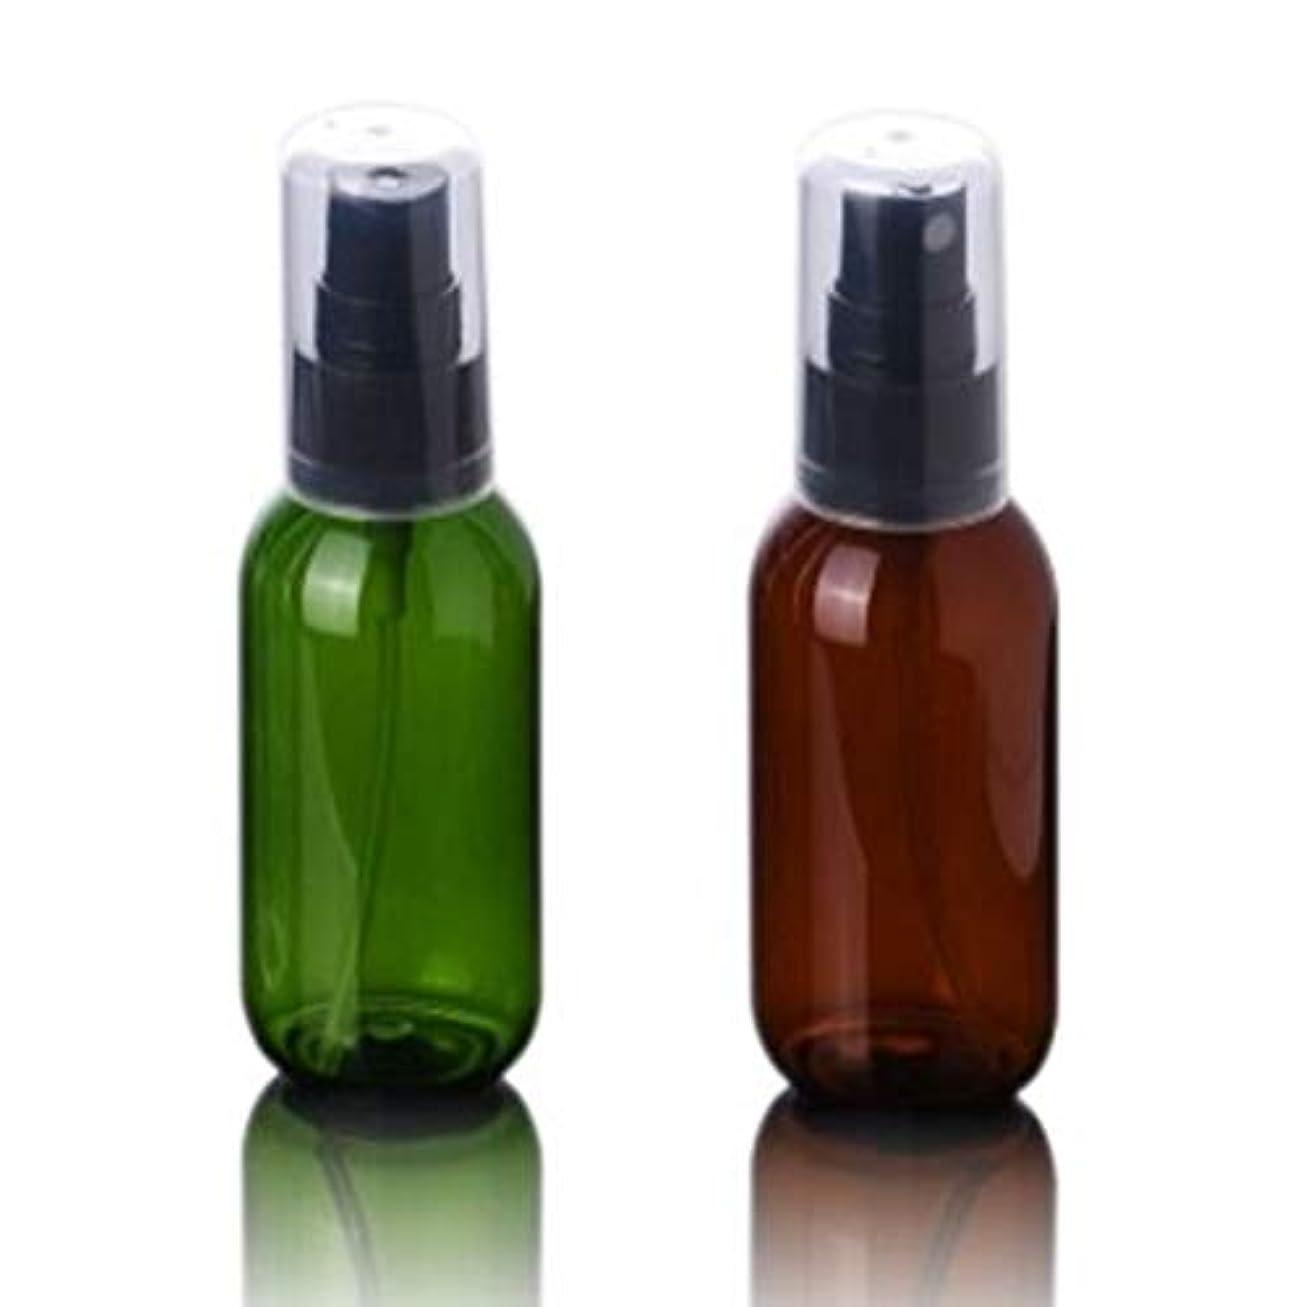 高めるチロ塊Bijou Cat スプレーボトル 50ml プラスチック製本体 遮光 霧吹き 緑?茶色 2本セット